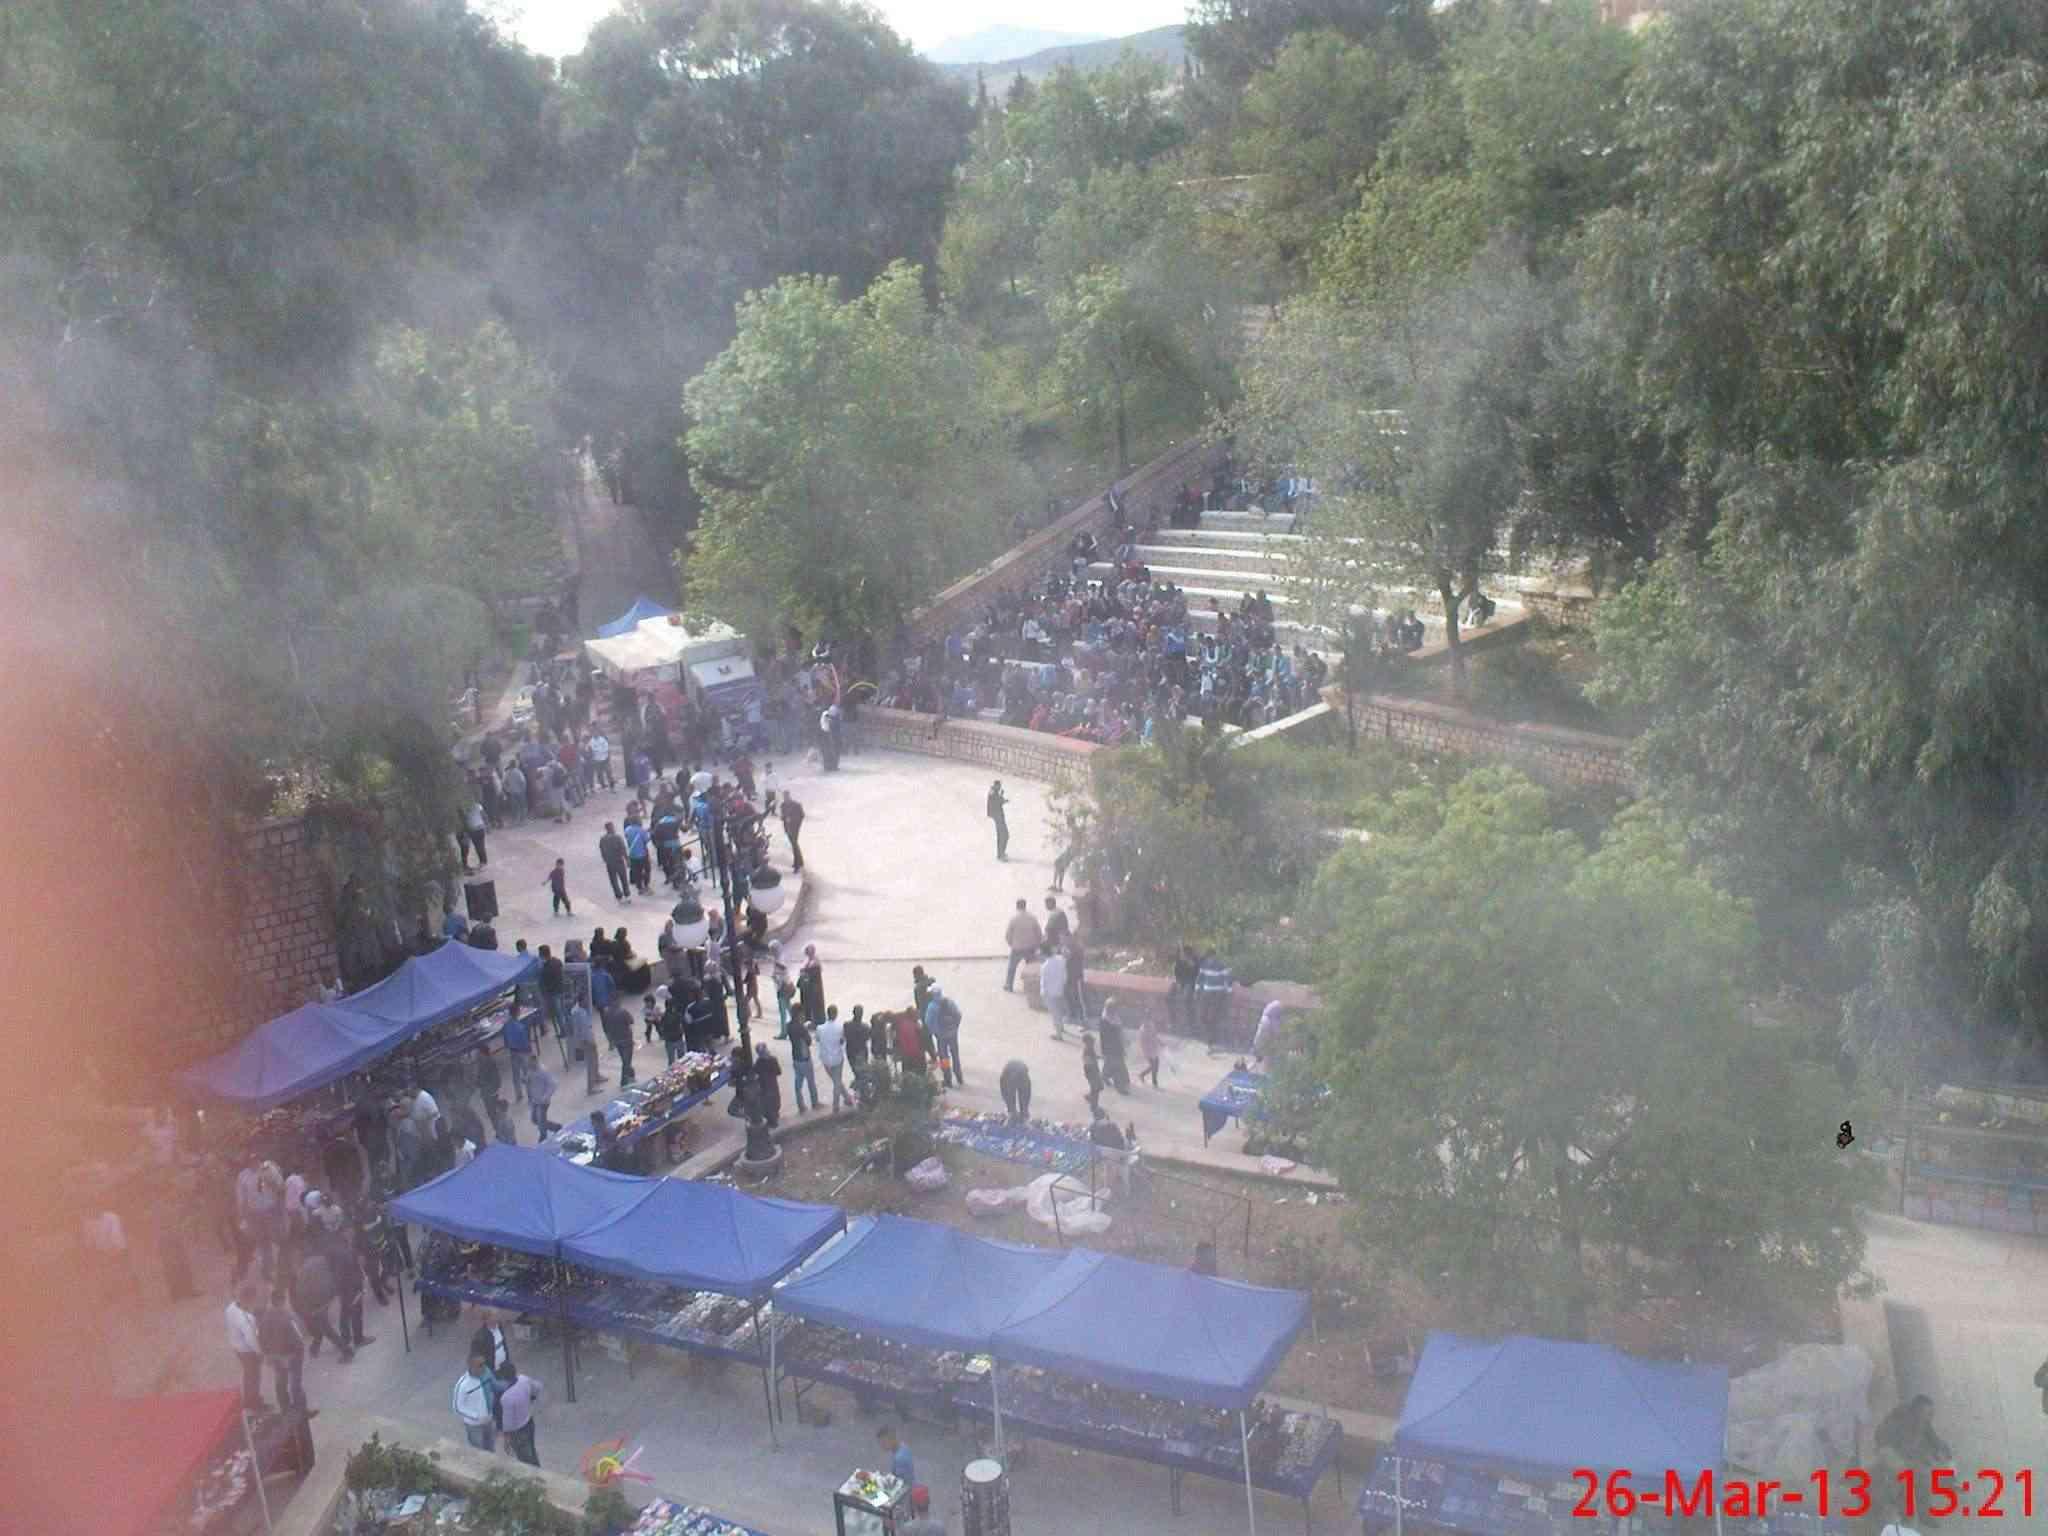 صور من حمام دباغ في ربيع 2013 Dsc02111